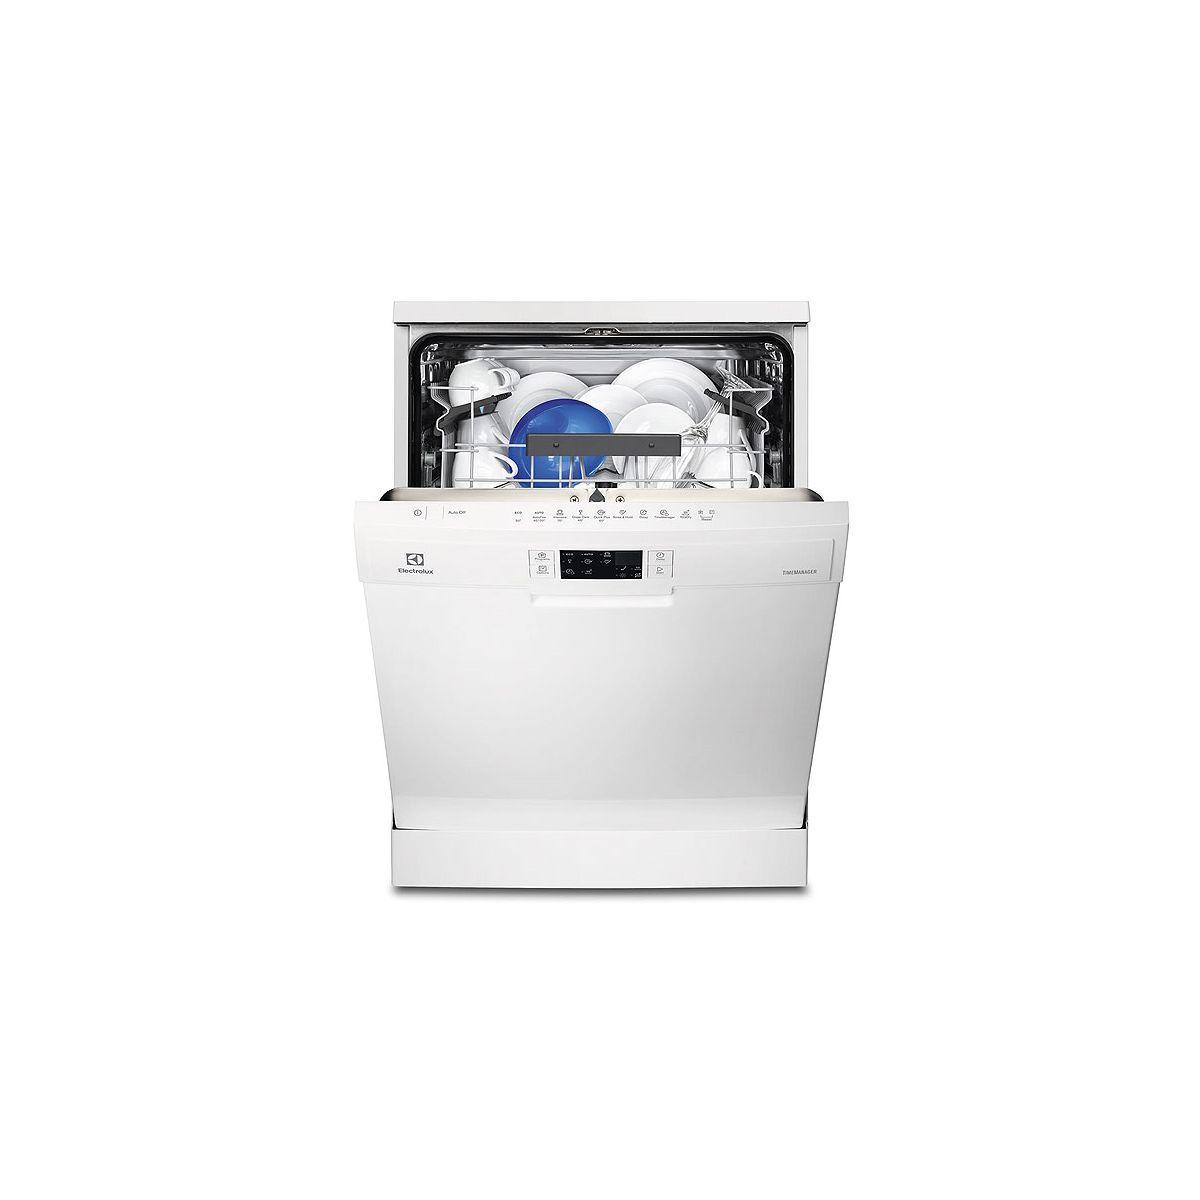 Lave vaisselle 60 cm electrolux airdry esf5545low - livraison offerte : code livp (photo)